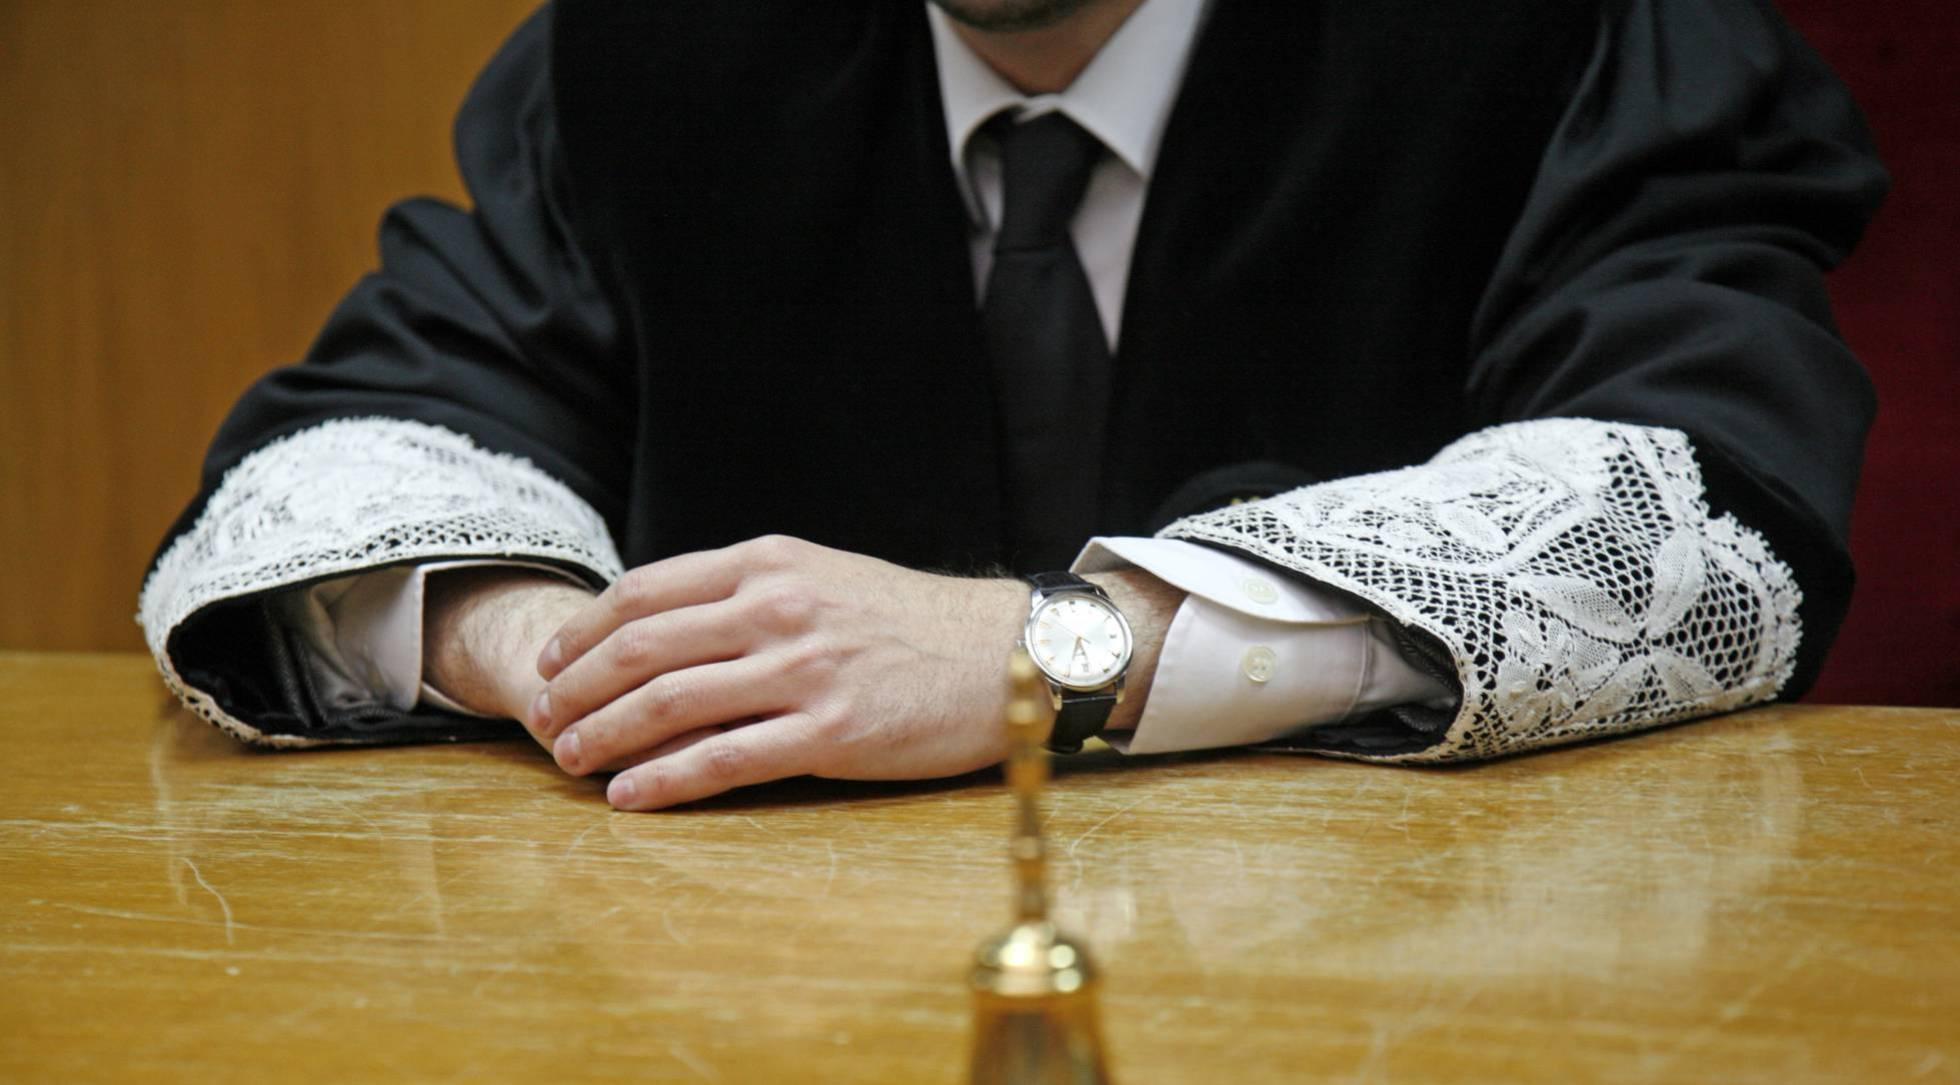 El Supremo rechaza limitar las costas si al abogado le queda una minuta